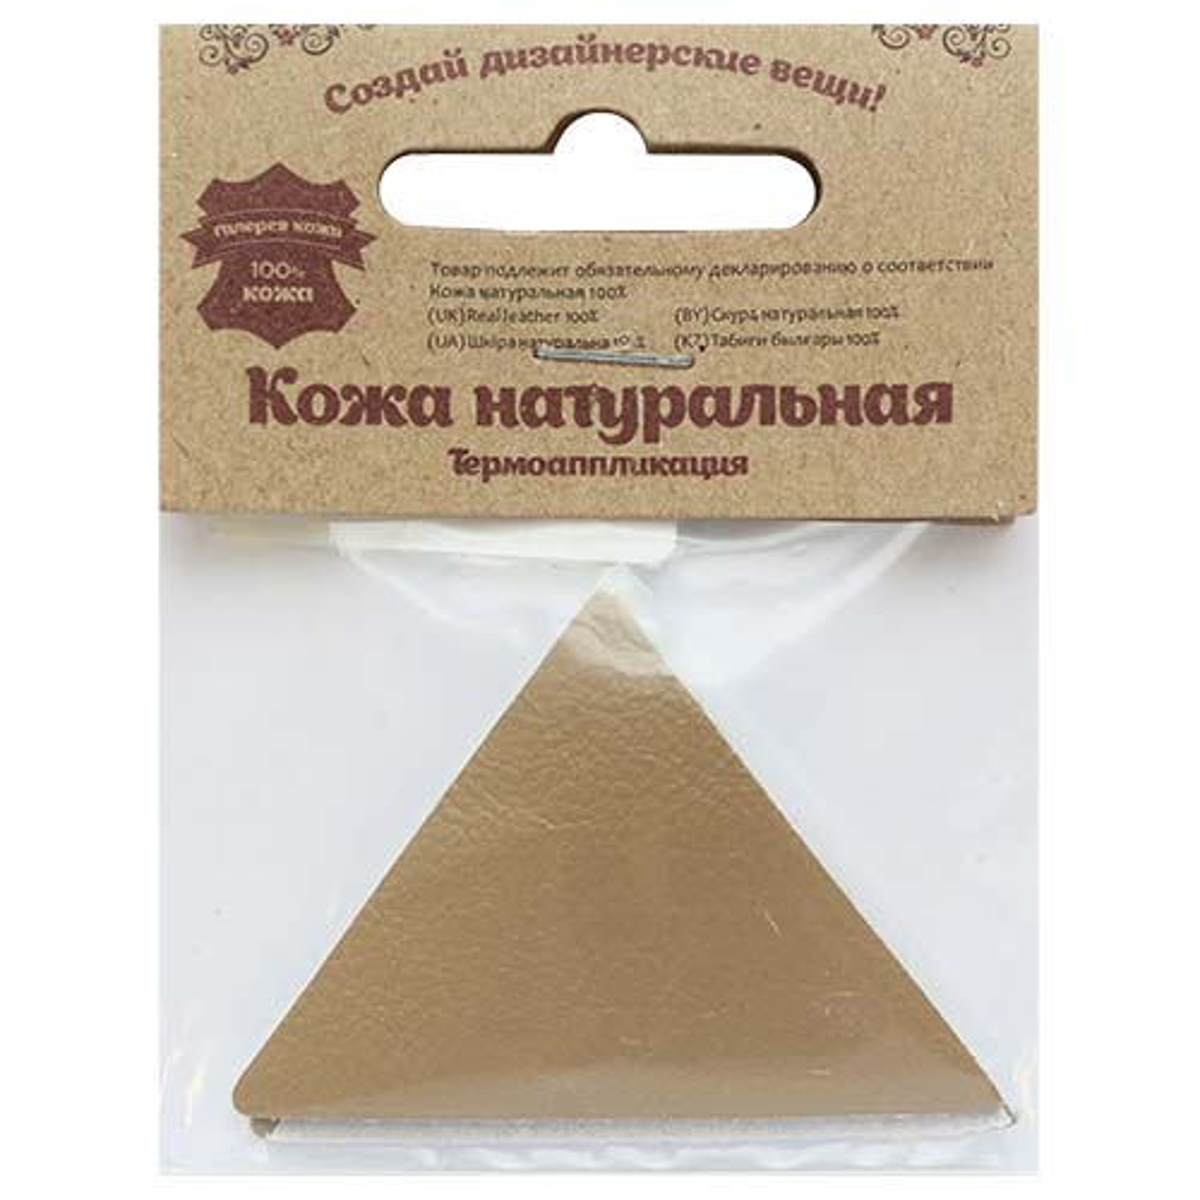 202 Термоаппликация из кожи Треугольник сторона 5см, 2шт в уп., 100% кожа